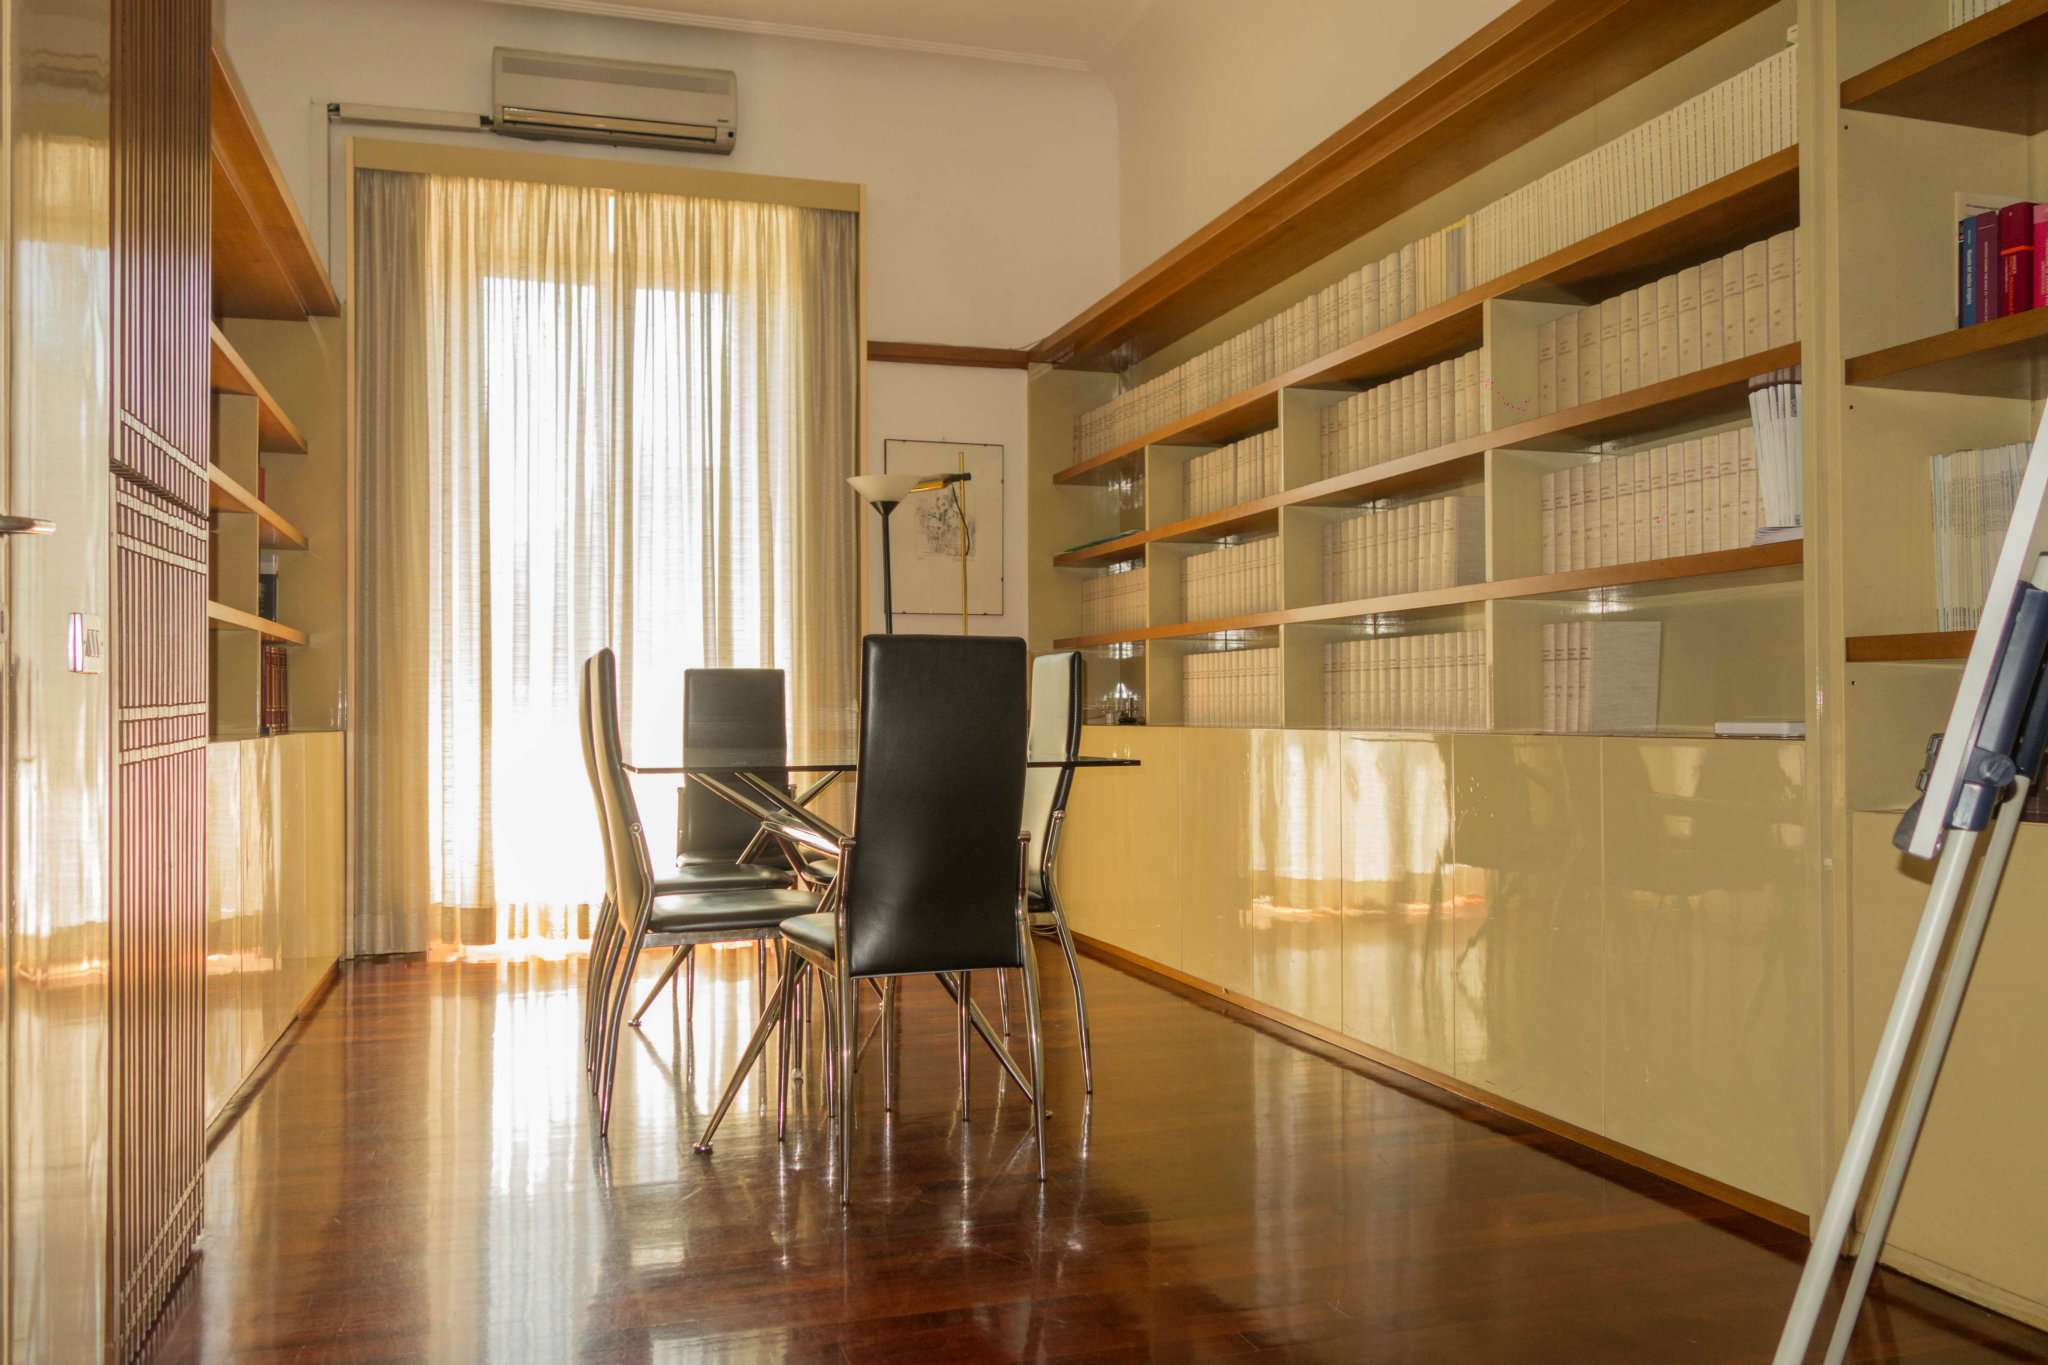 Ufficio studio roma vendita zona 2 for Uffici parioli